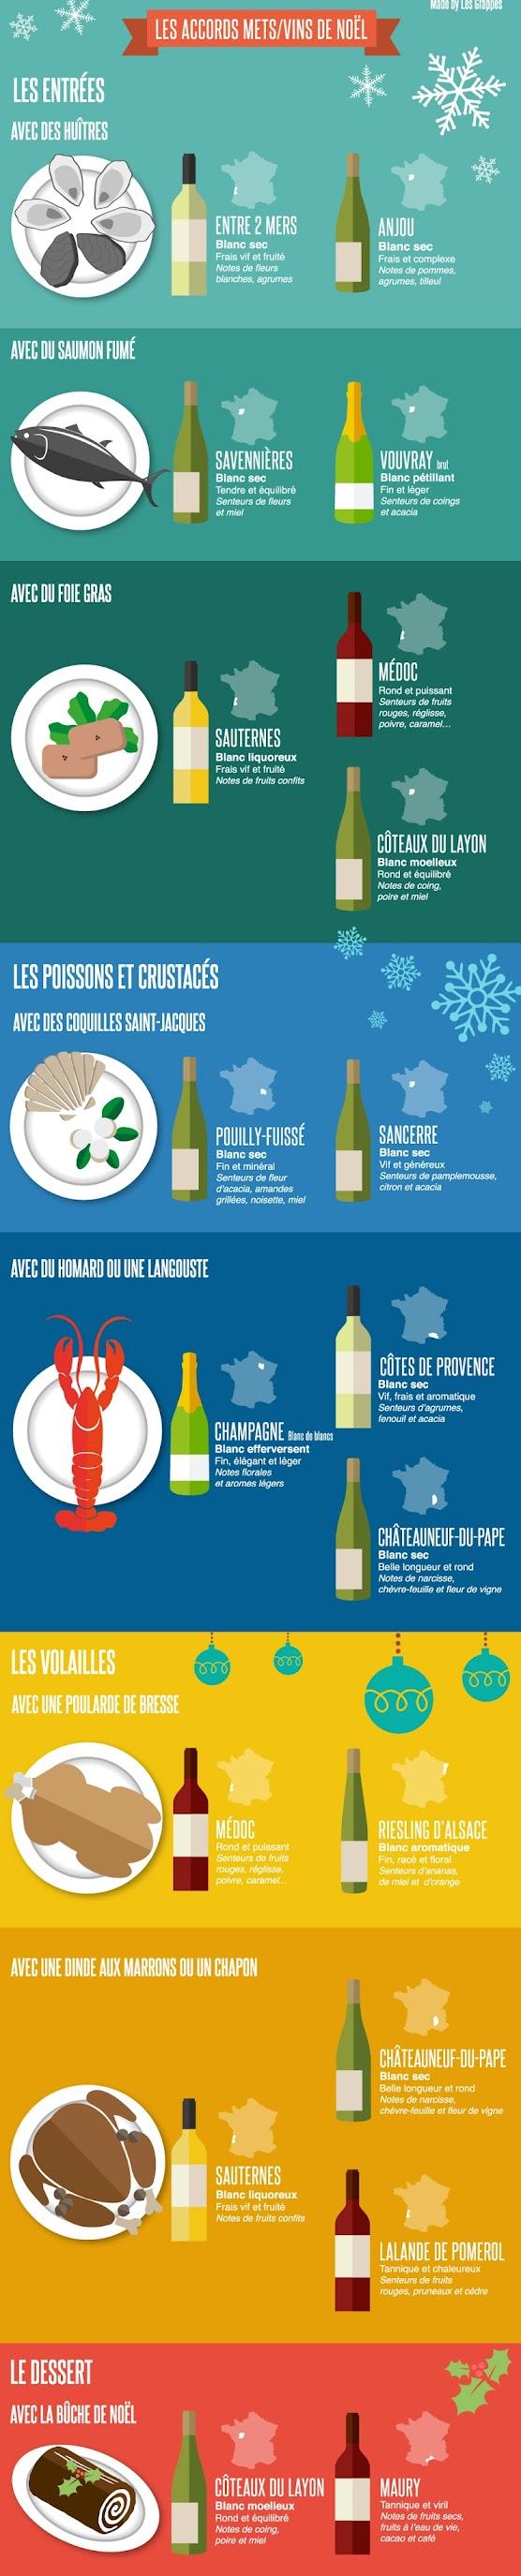 http://lesgourmands2-0.com/wp-content/uploads/2014/12/infographie-boire-noel-les-grappes.png